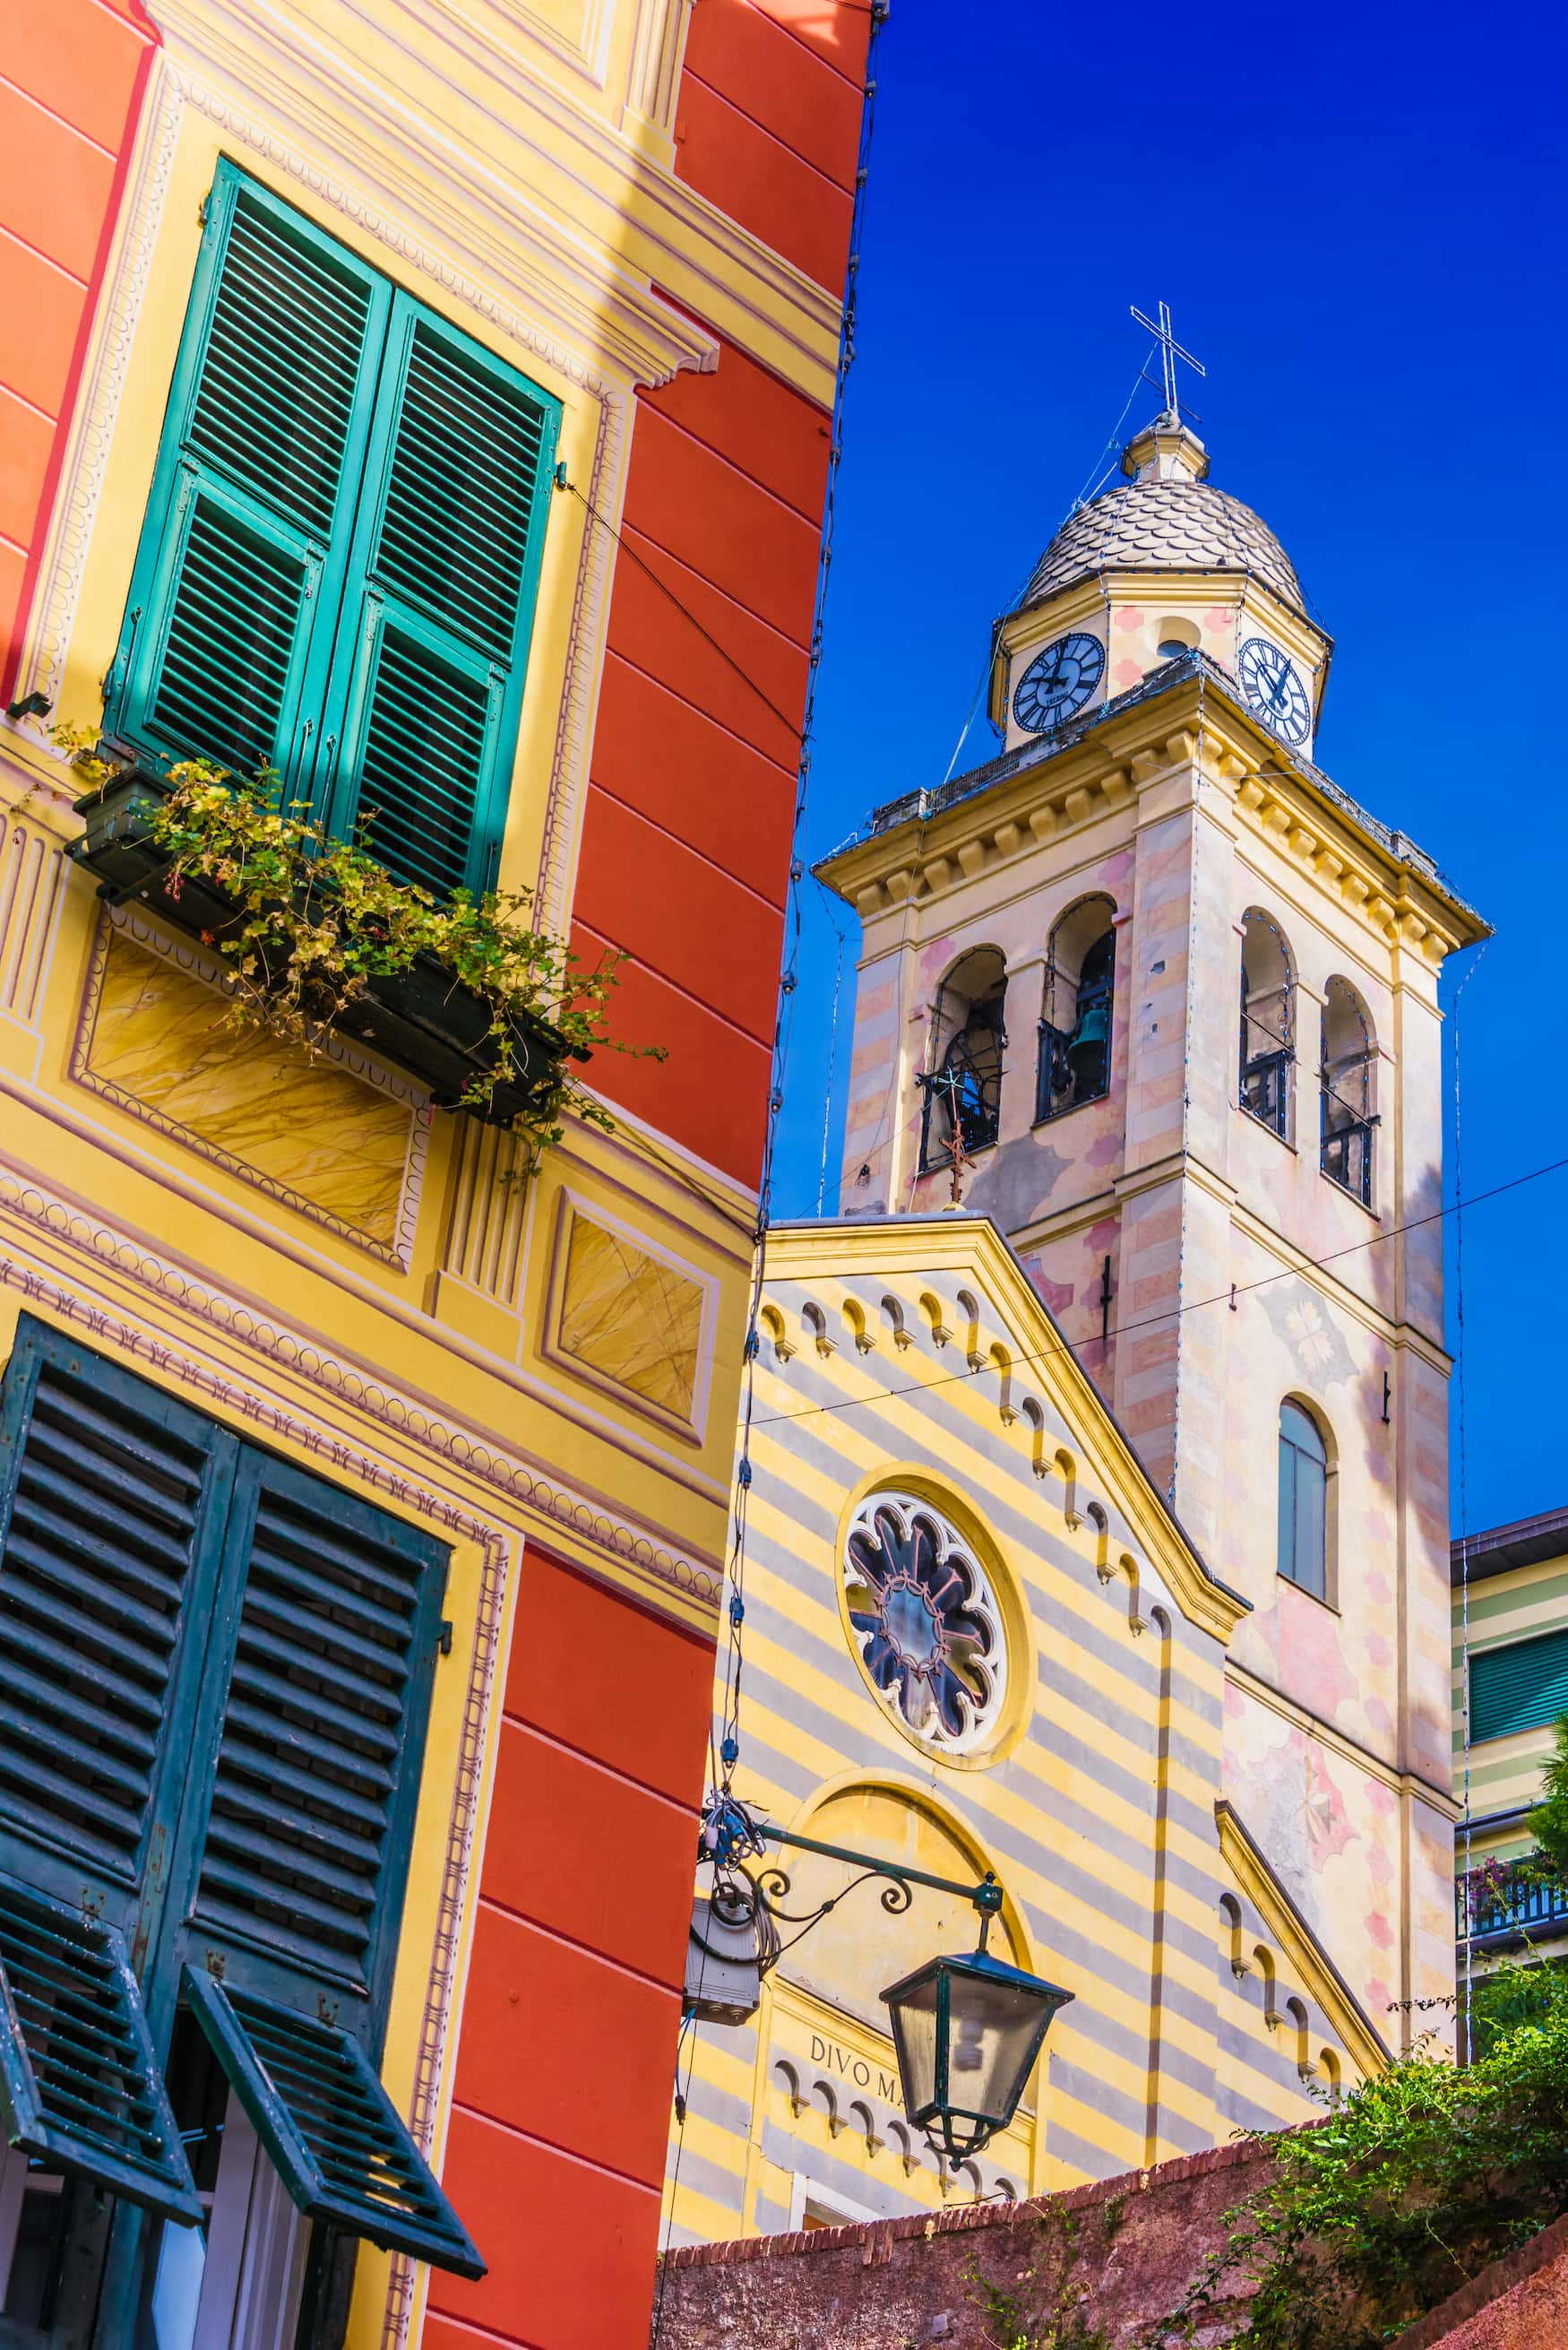 Hausfassade in Portofino